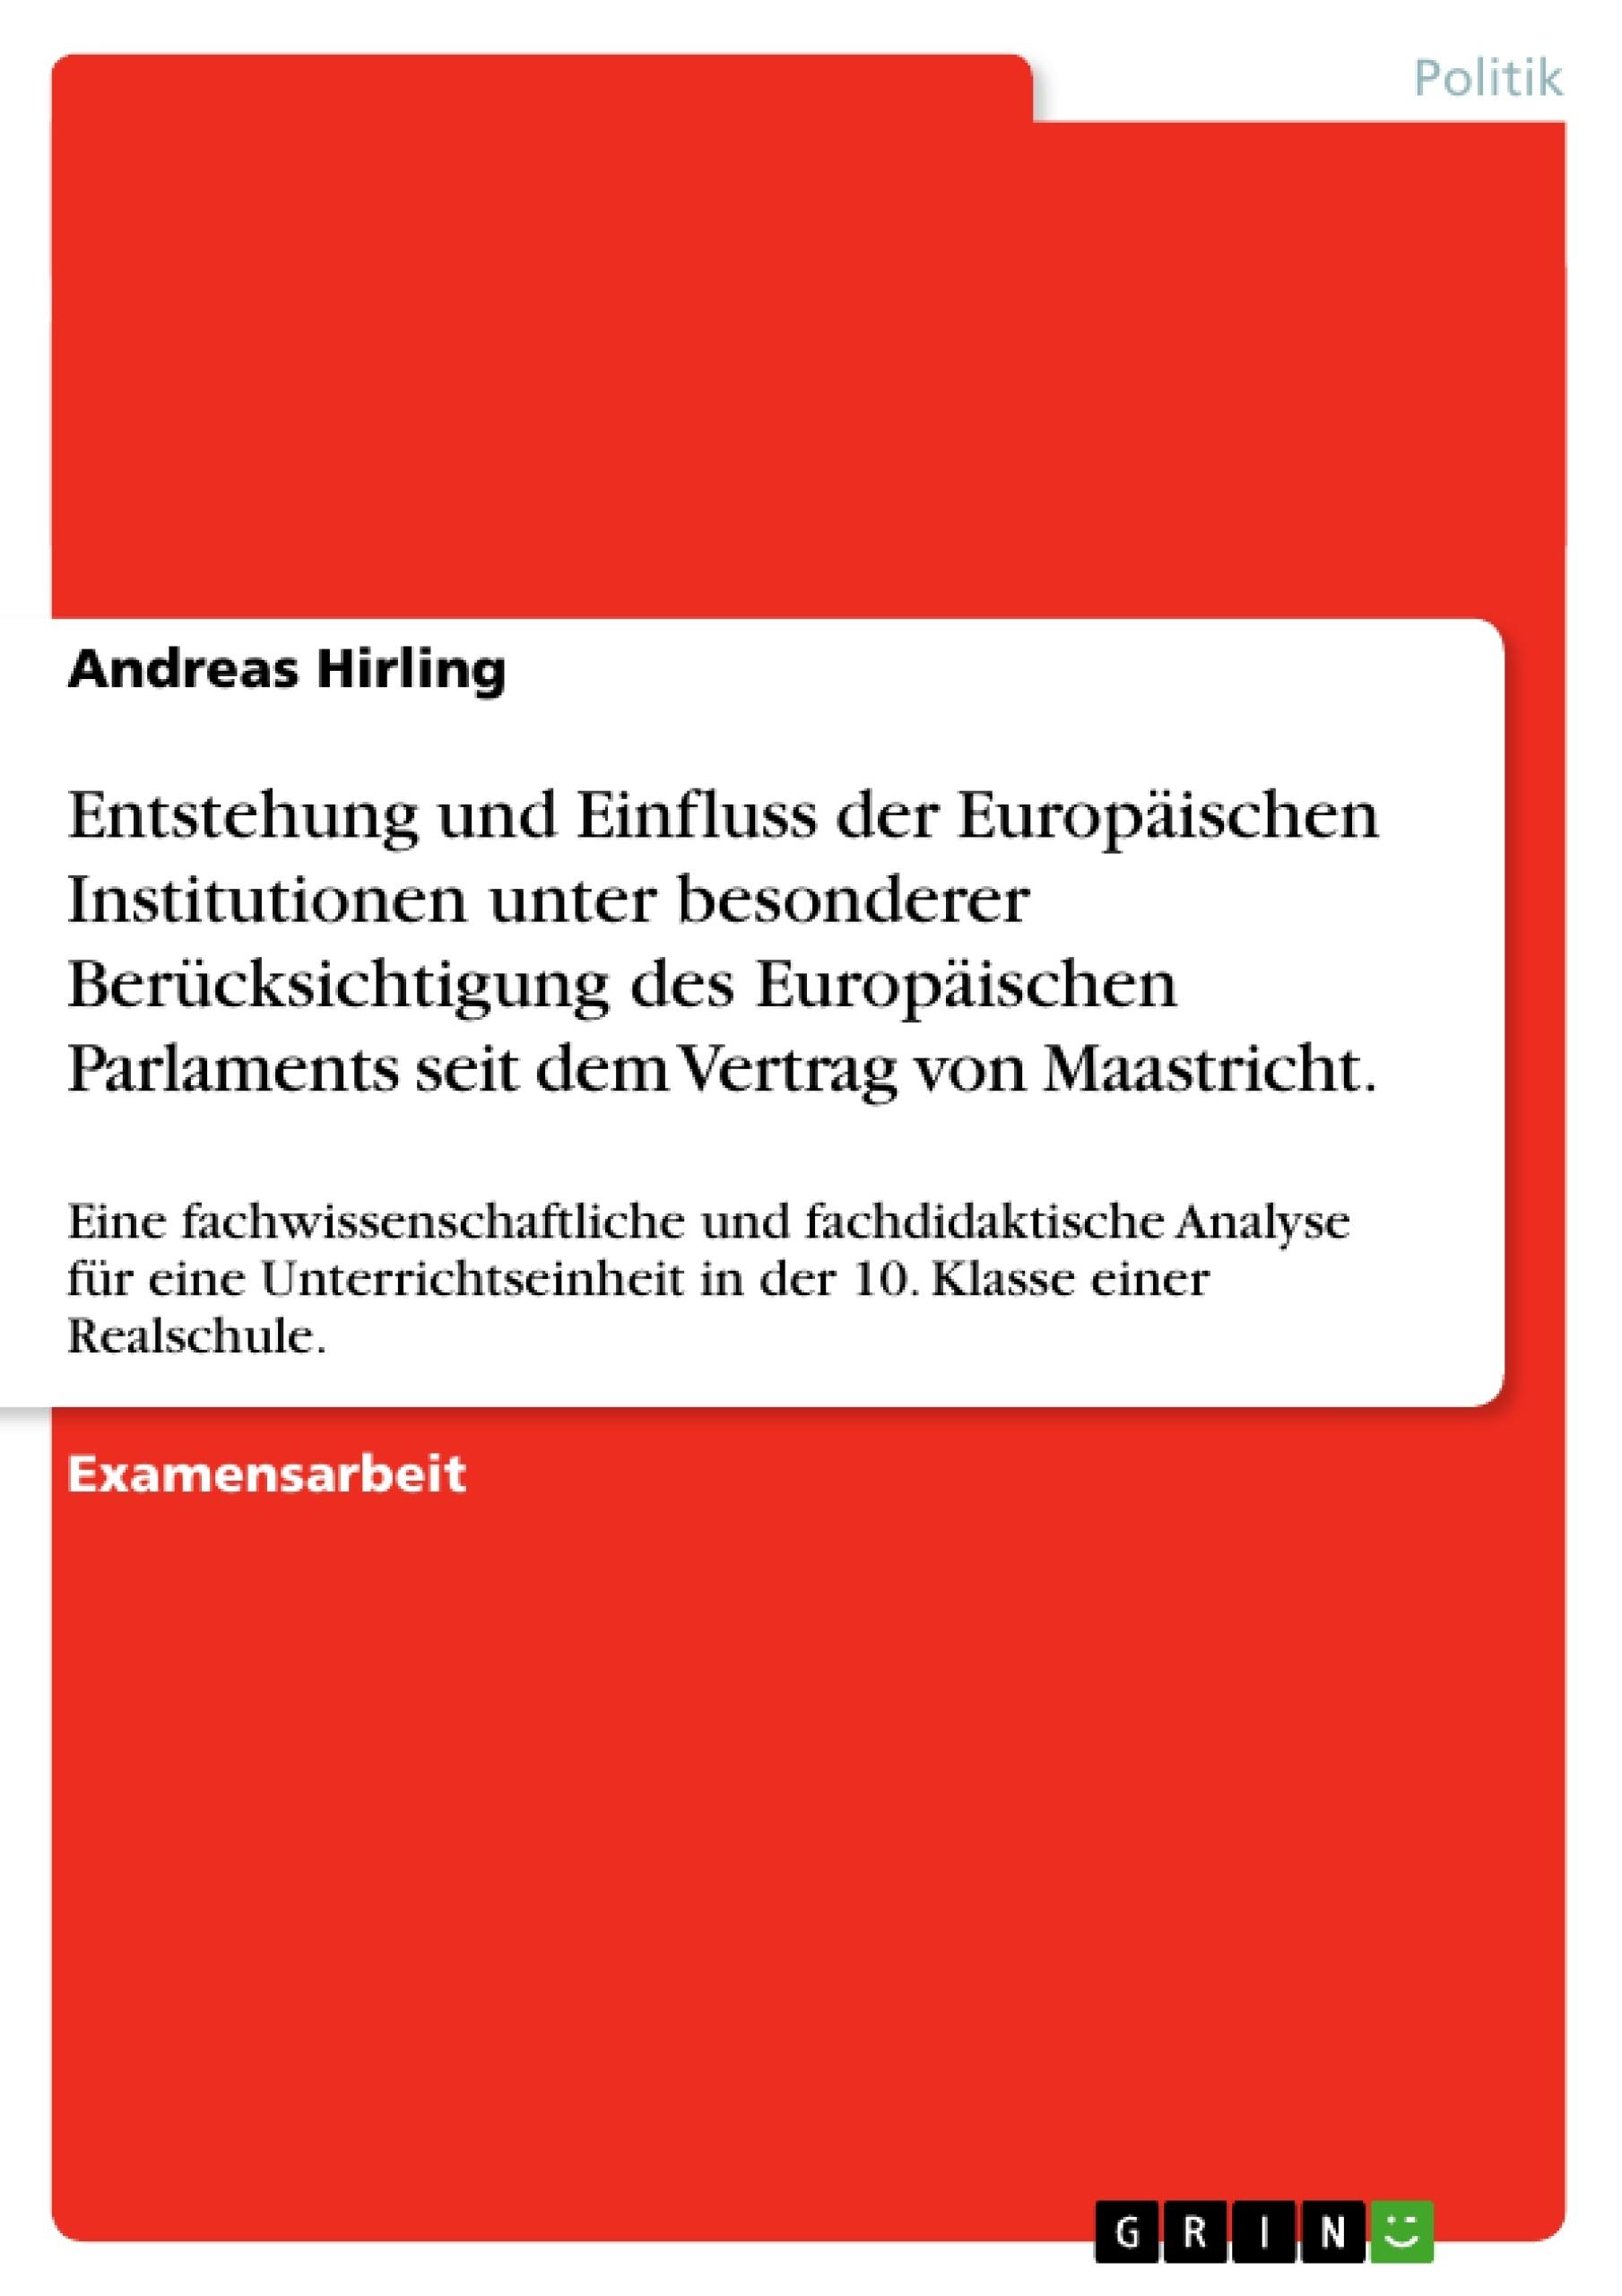 Titel: Entstehung und Einfluss der Europäischen Institutionen unter besonderer  Berücksichtigung des Europäischen Parlaments seit dem Vertrag von  Maastricht.